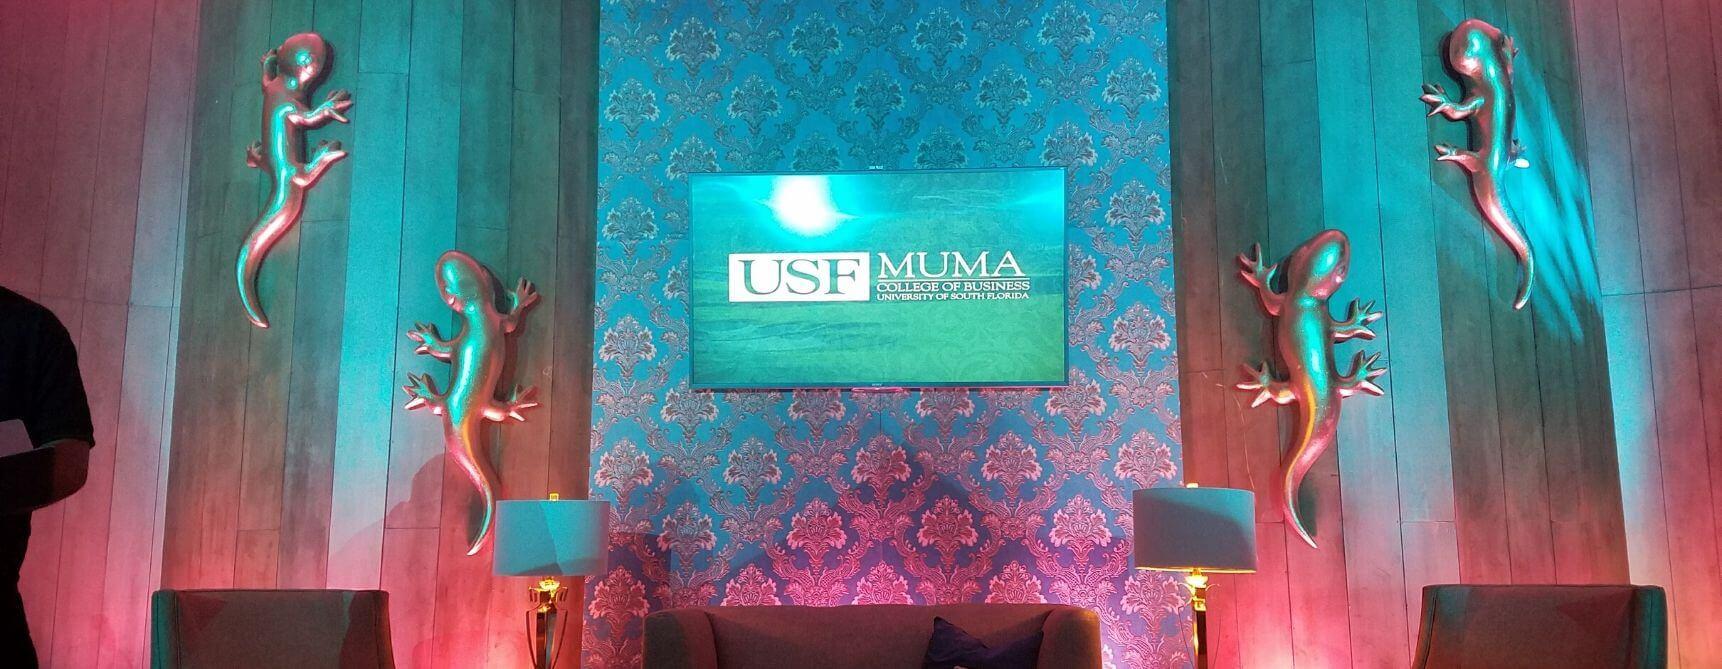 3 USF MUMA Event